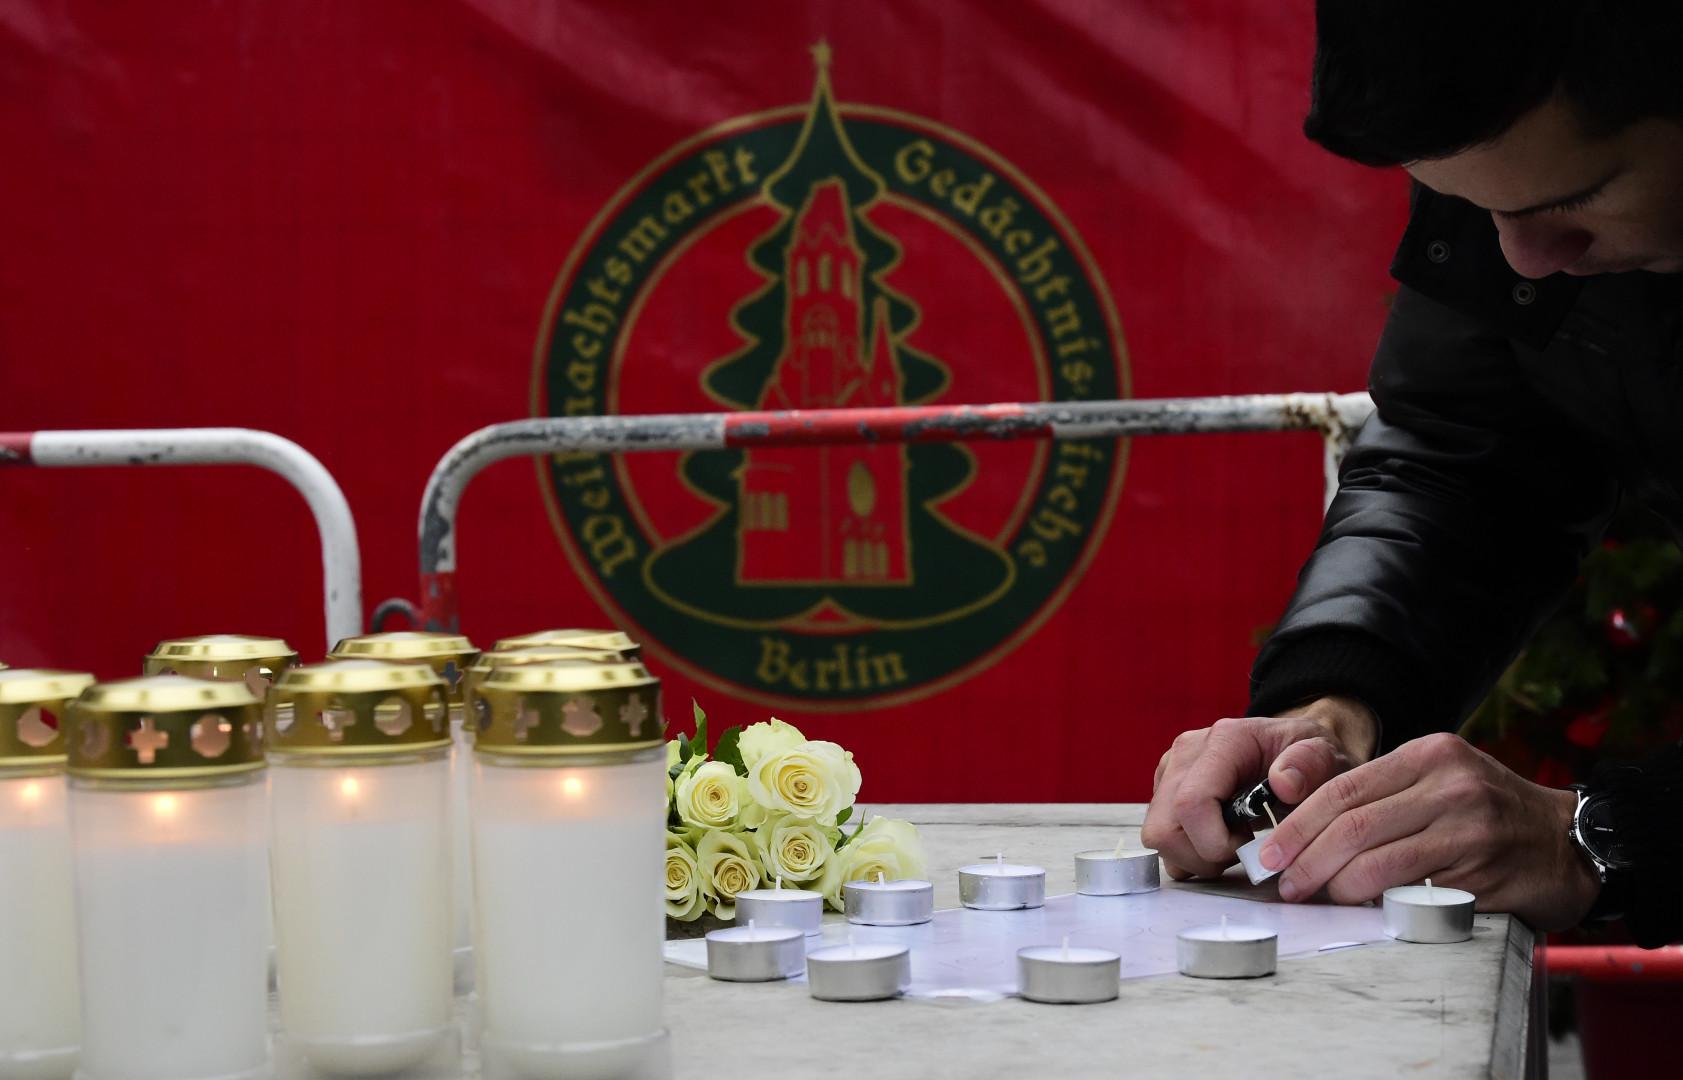 Des bougies sont allumées en hommage aux victimes de l'attentat de Berlin, près du marché de Noël, le 20 décembre 2016.